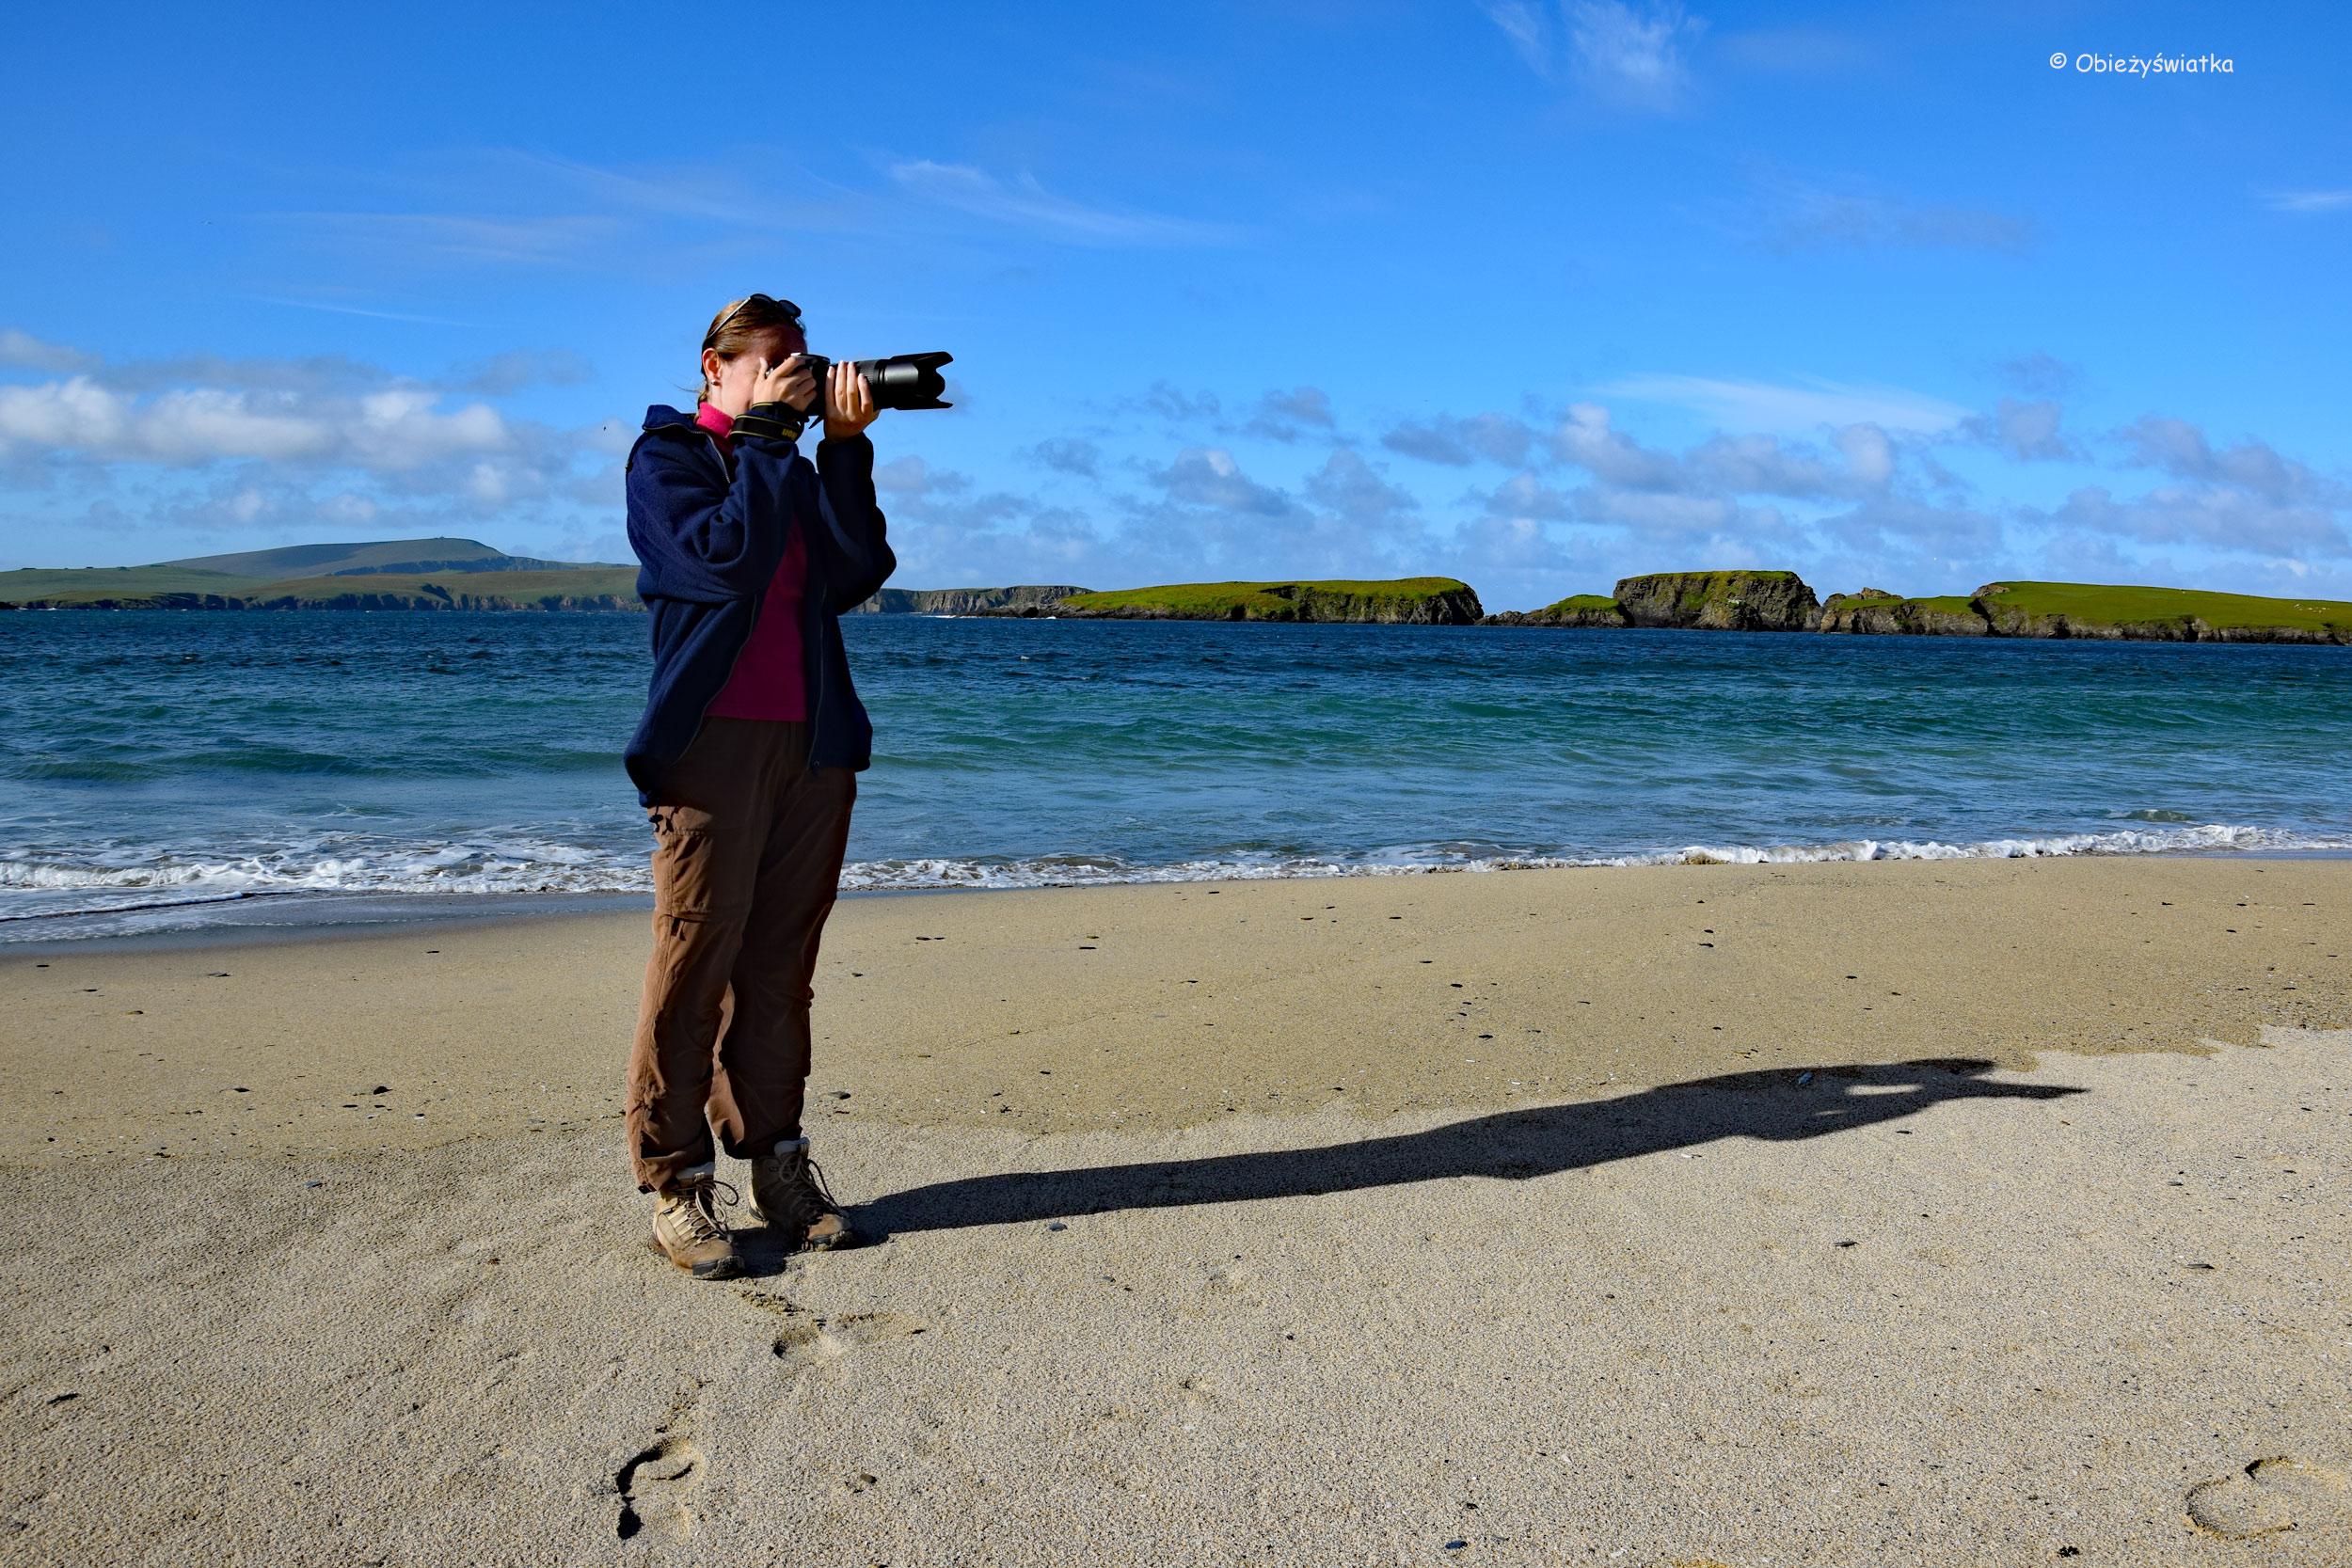 Obieżyświatka, tombolo i wyspa św. Niniana, Wyspy Szetlandzkie, Szkocja